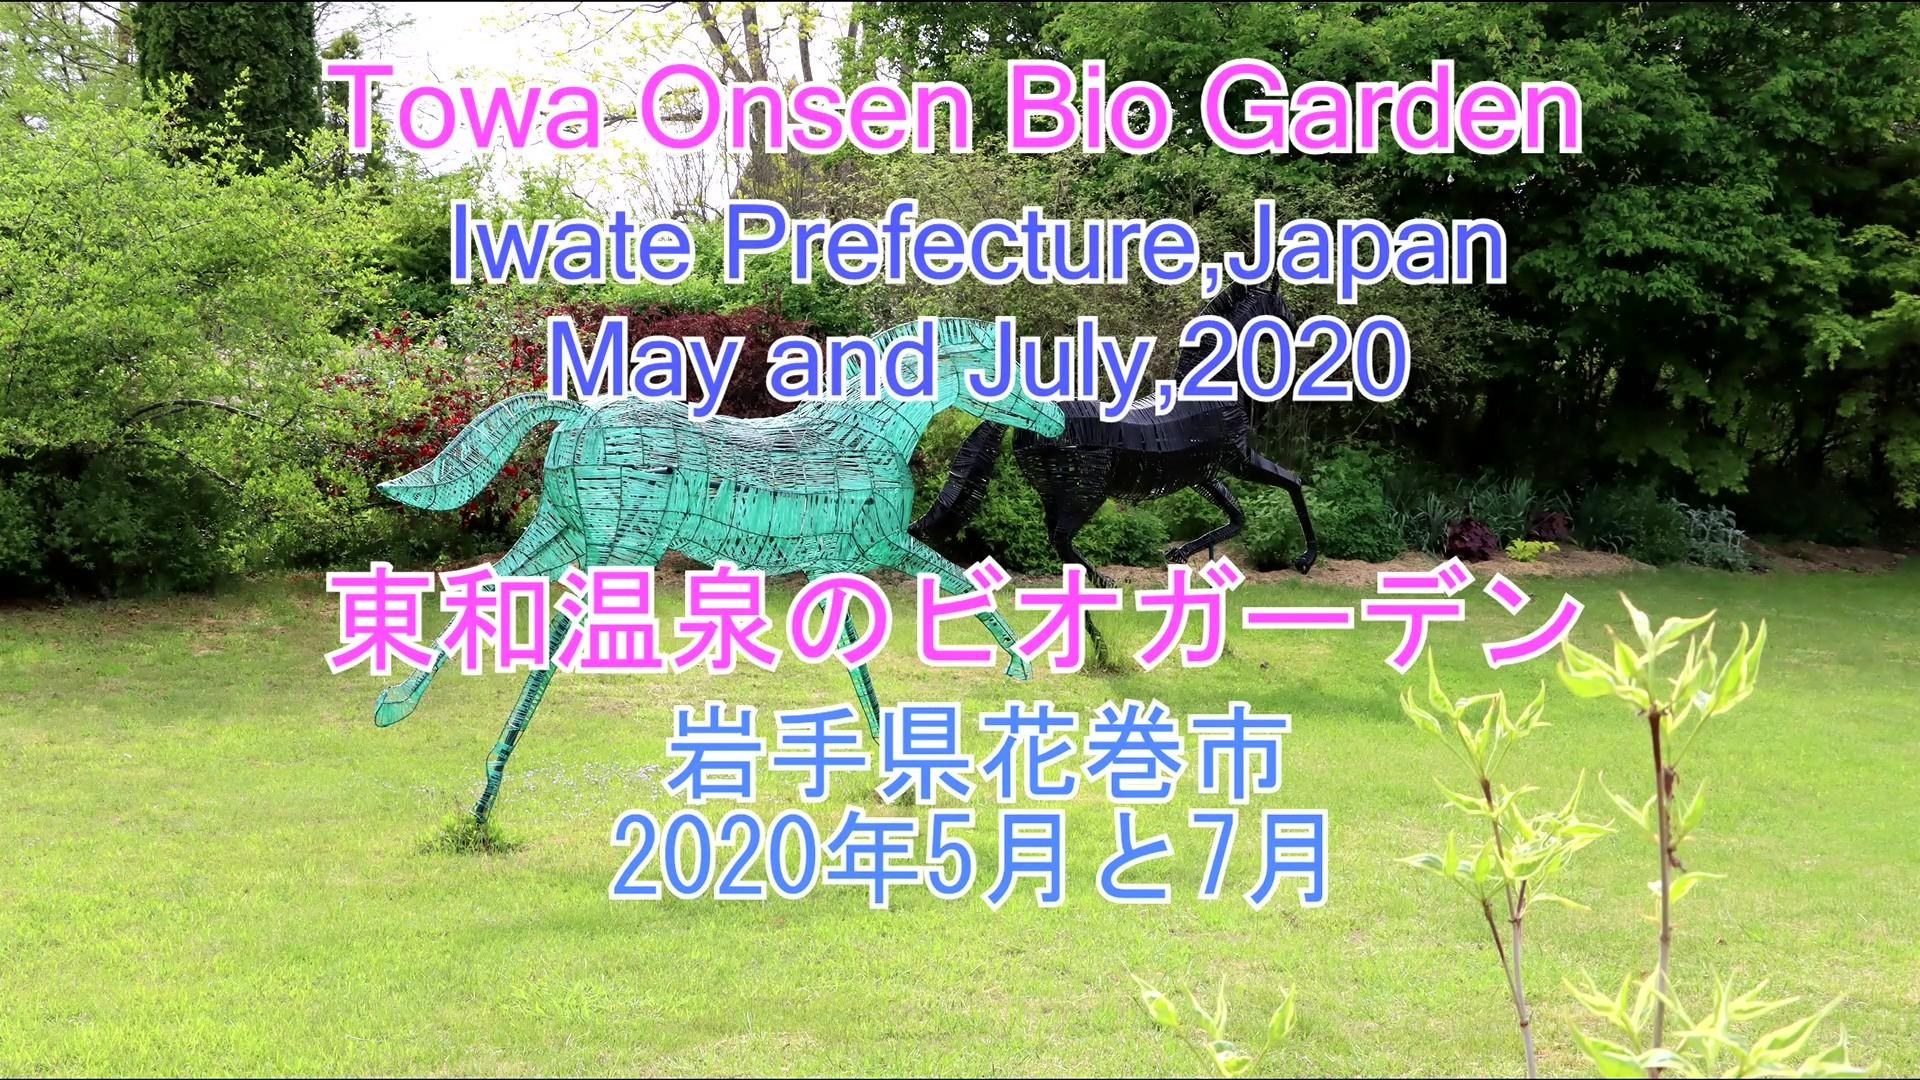 東和温泉のビオガーデン 2020年